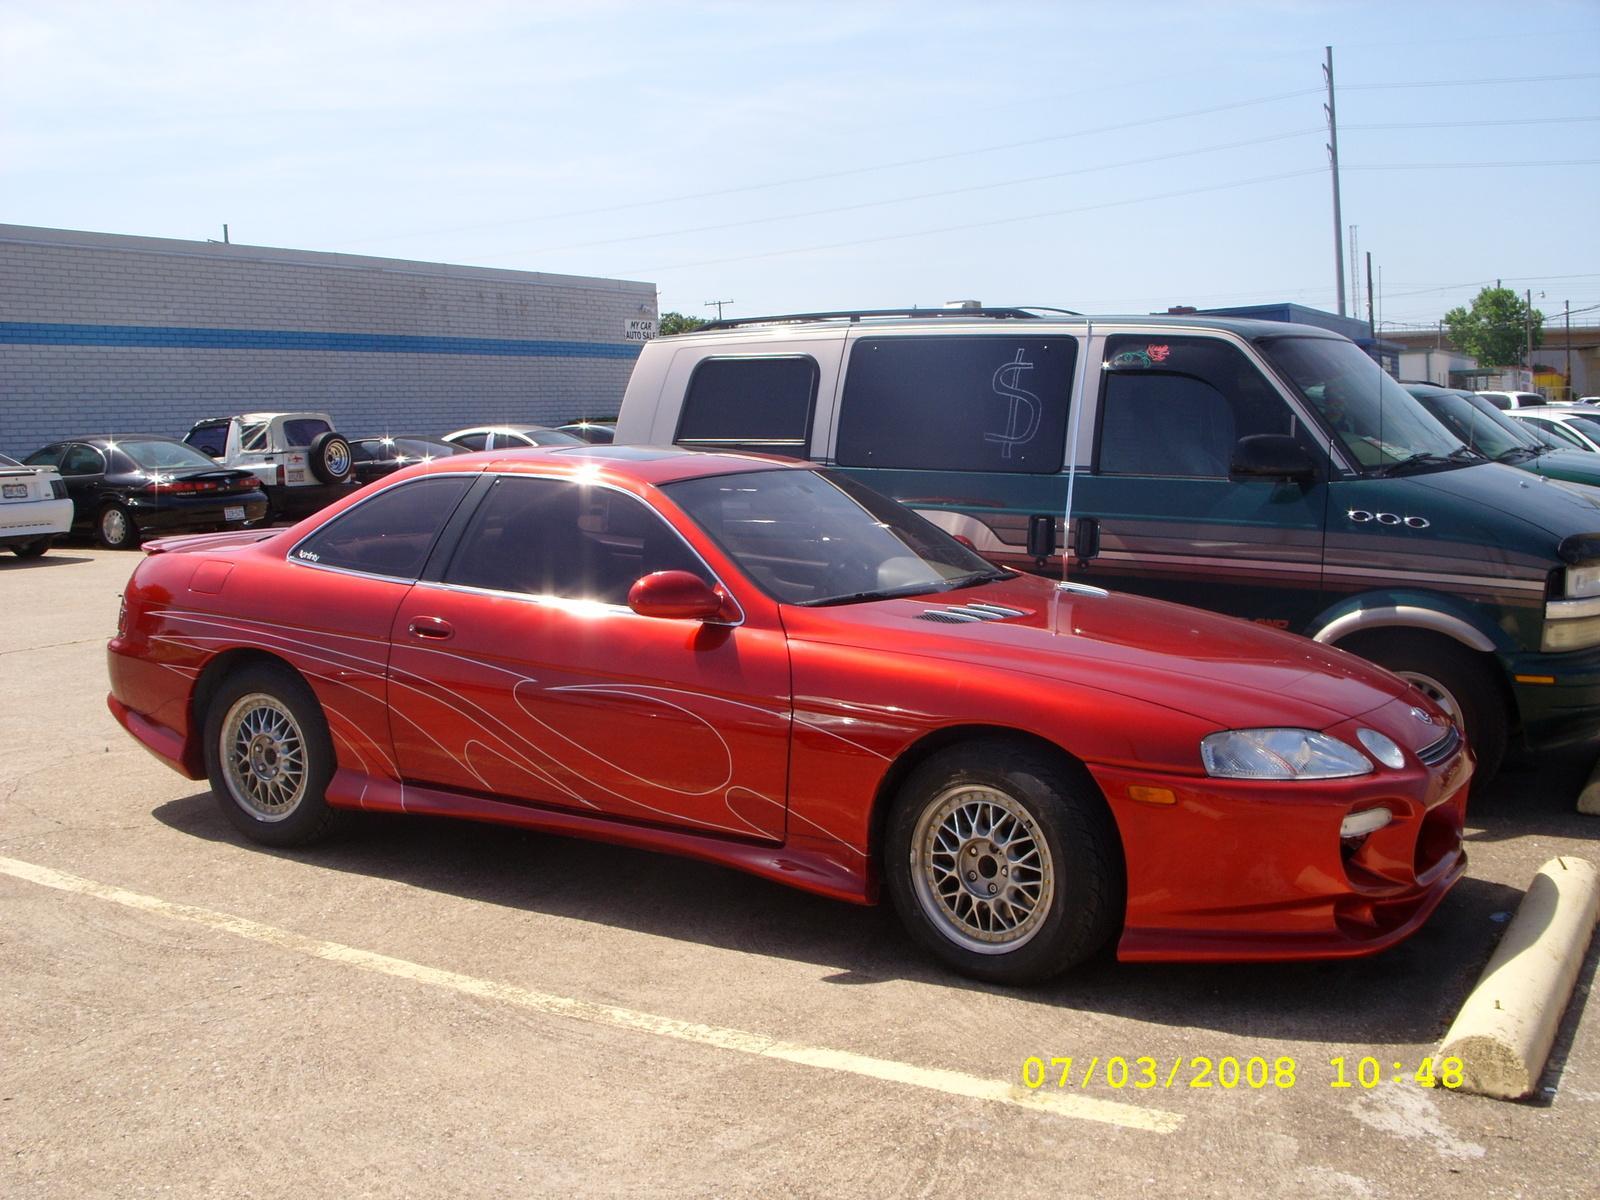 800 1024 1280 1600 origin 1994 Lexus ...